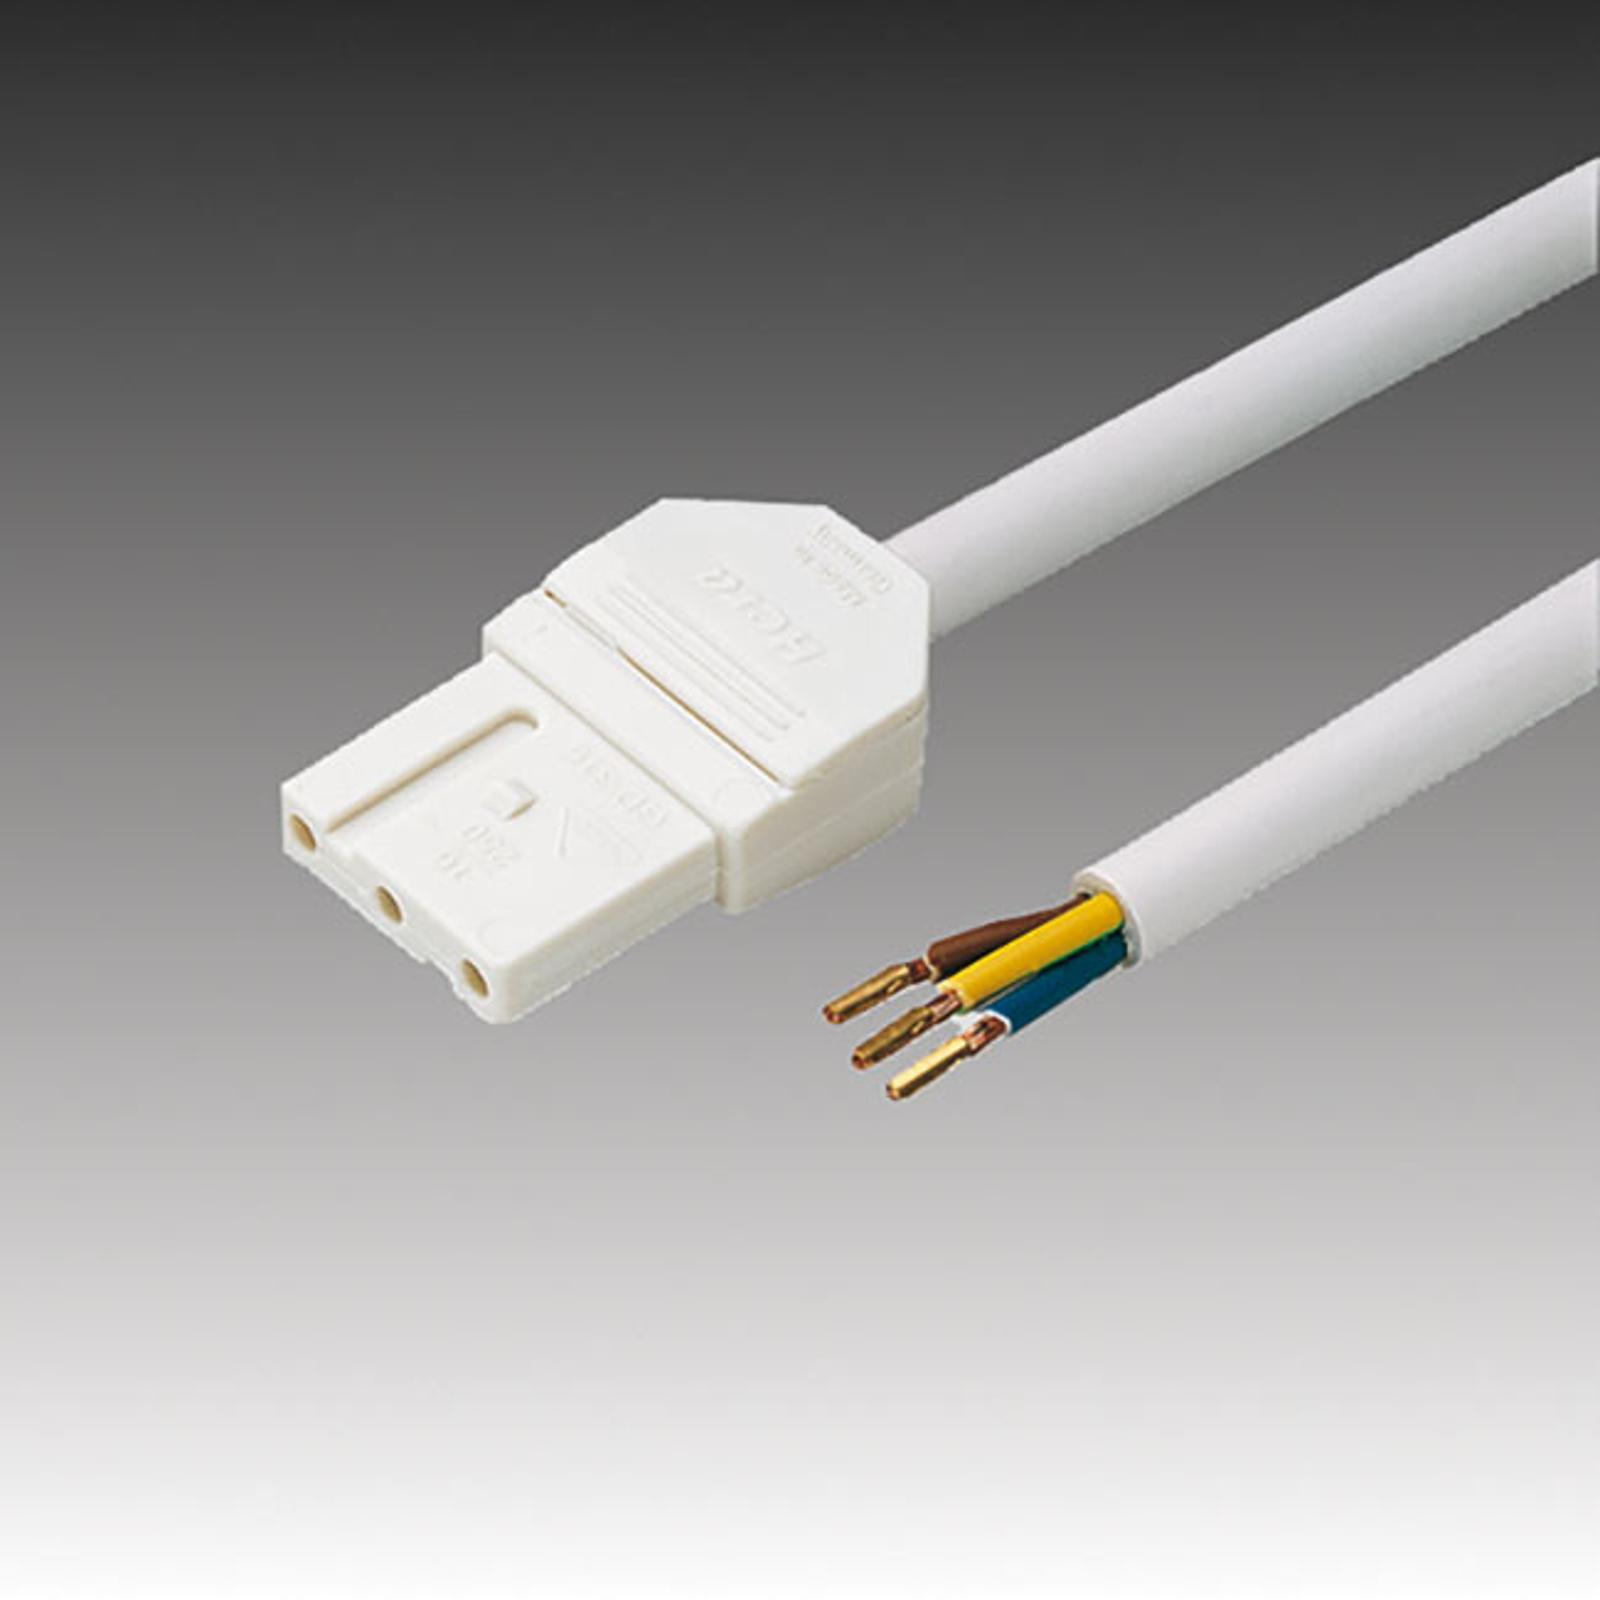 Câble alimentation réseau MK2 longueur 2 m